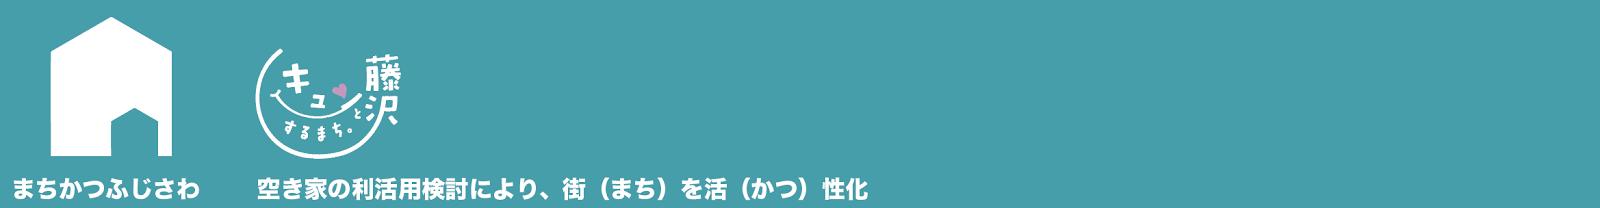 まちかつふじさわ   machikatsufujisawa -藤沢市市民活動推進センター登録団体